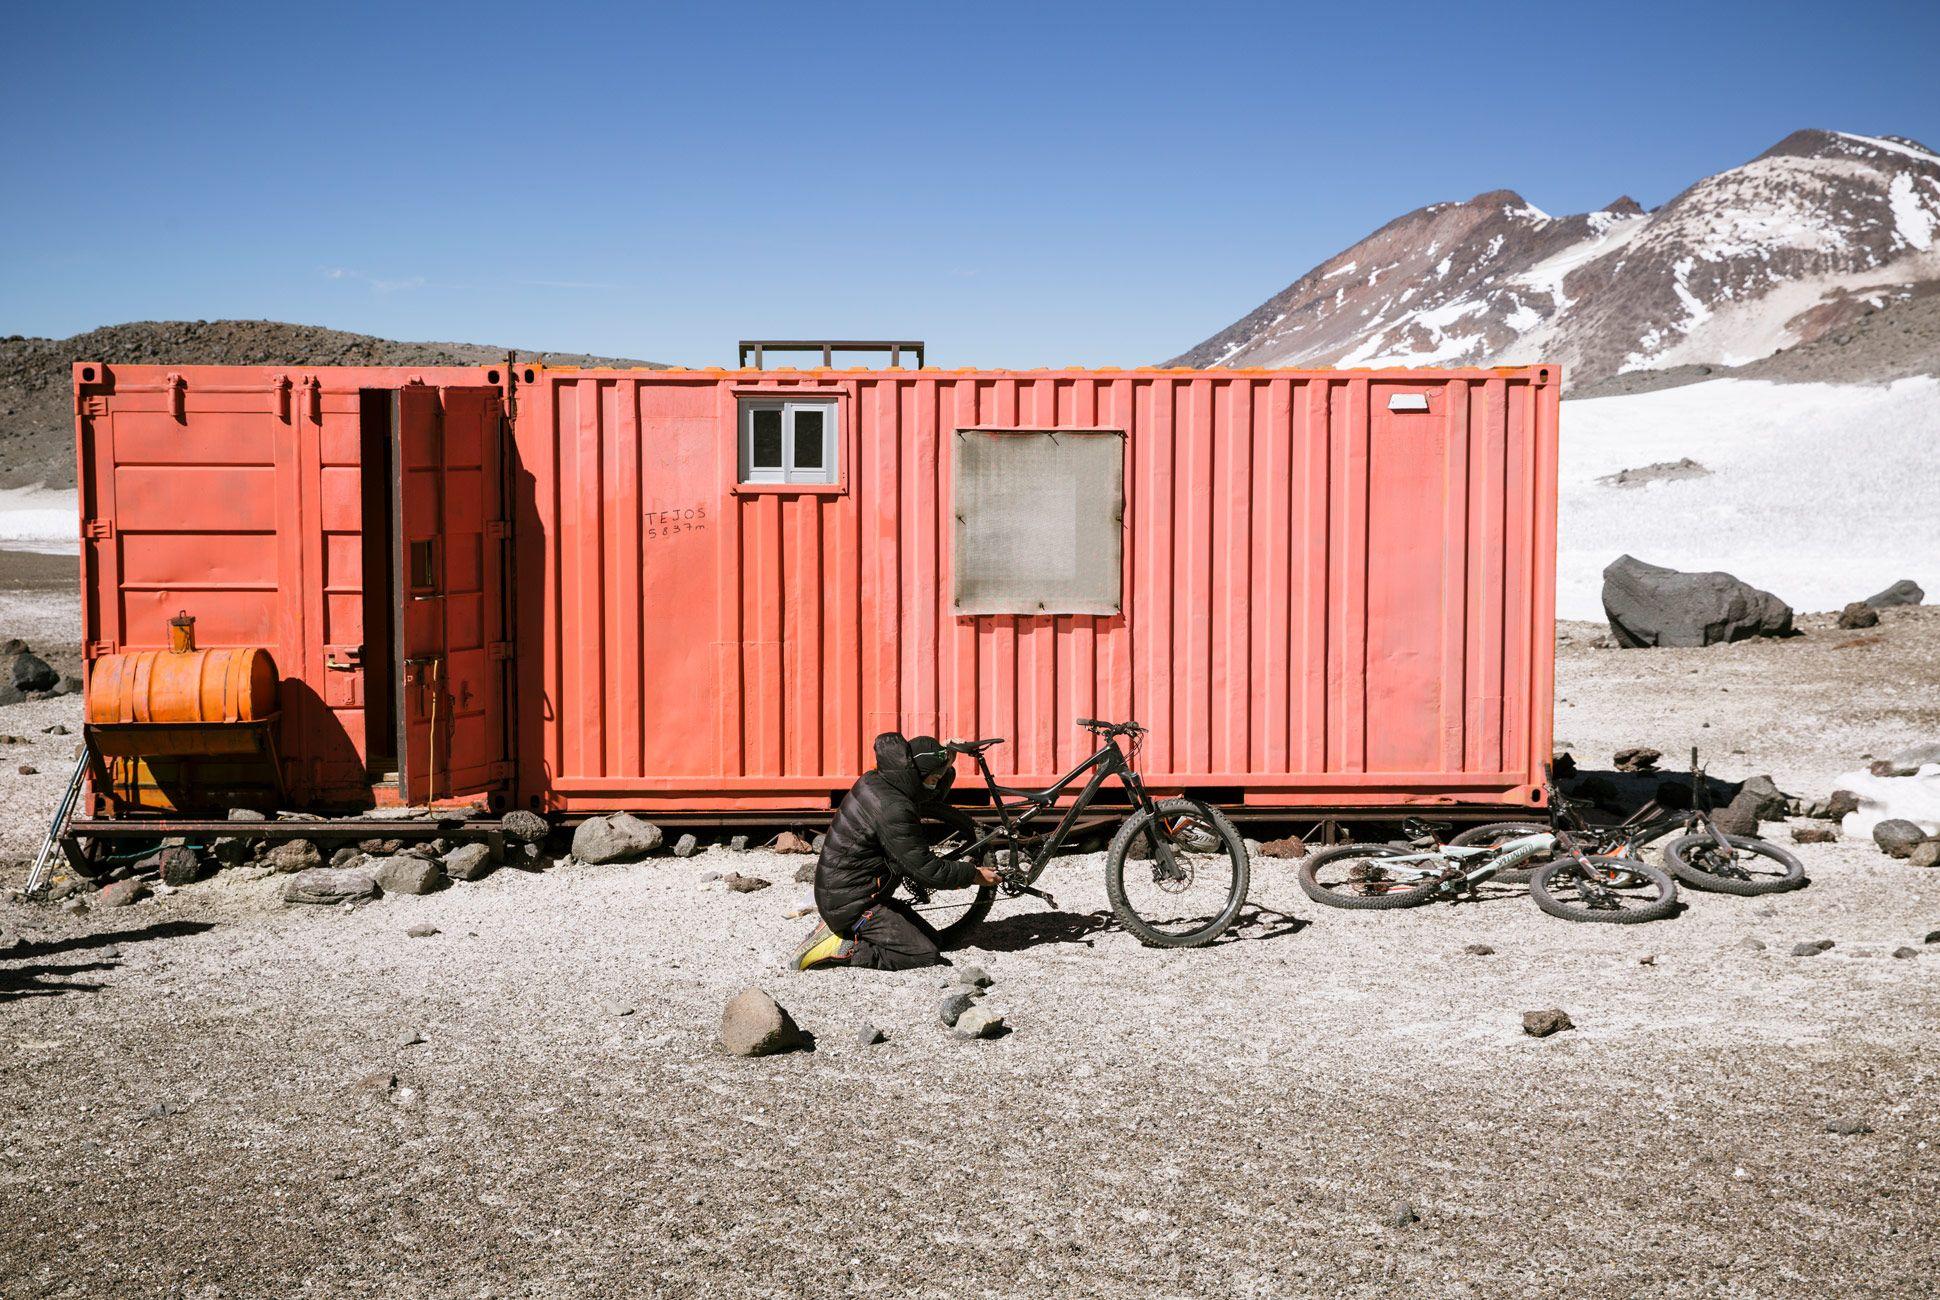 Volcano-Hike-Bike-Gear-Patrol-8